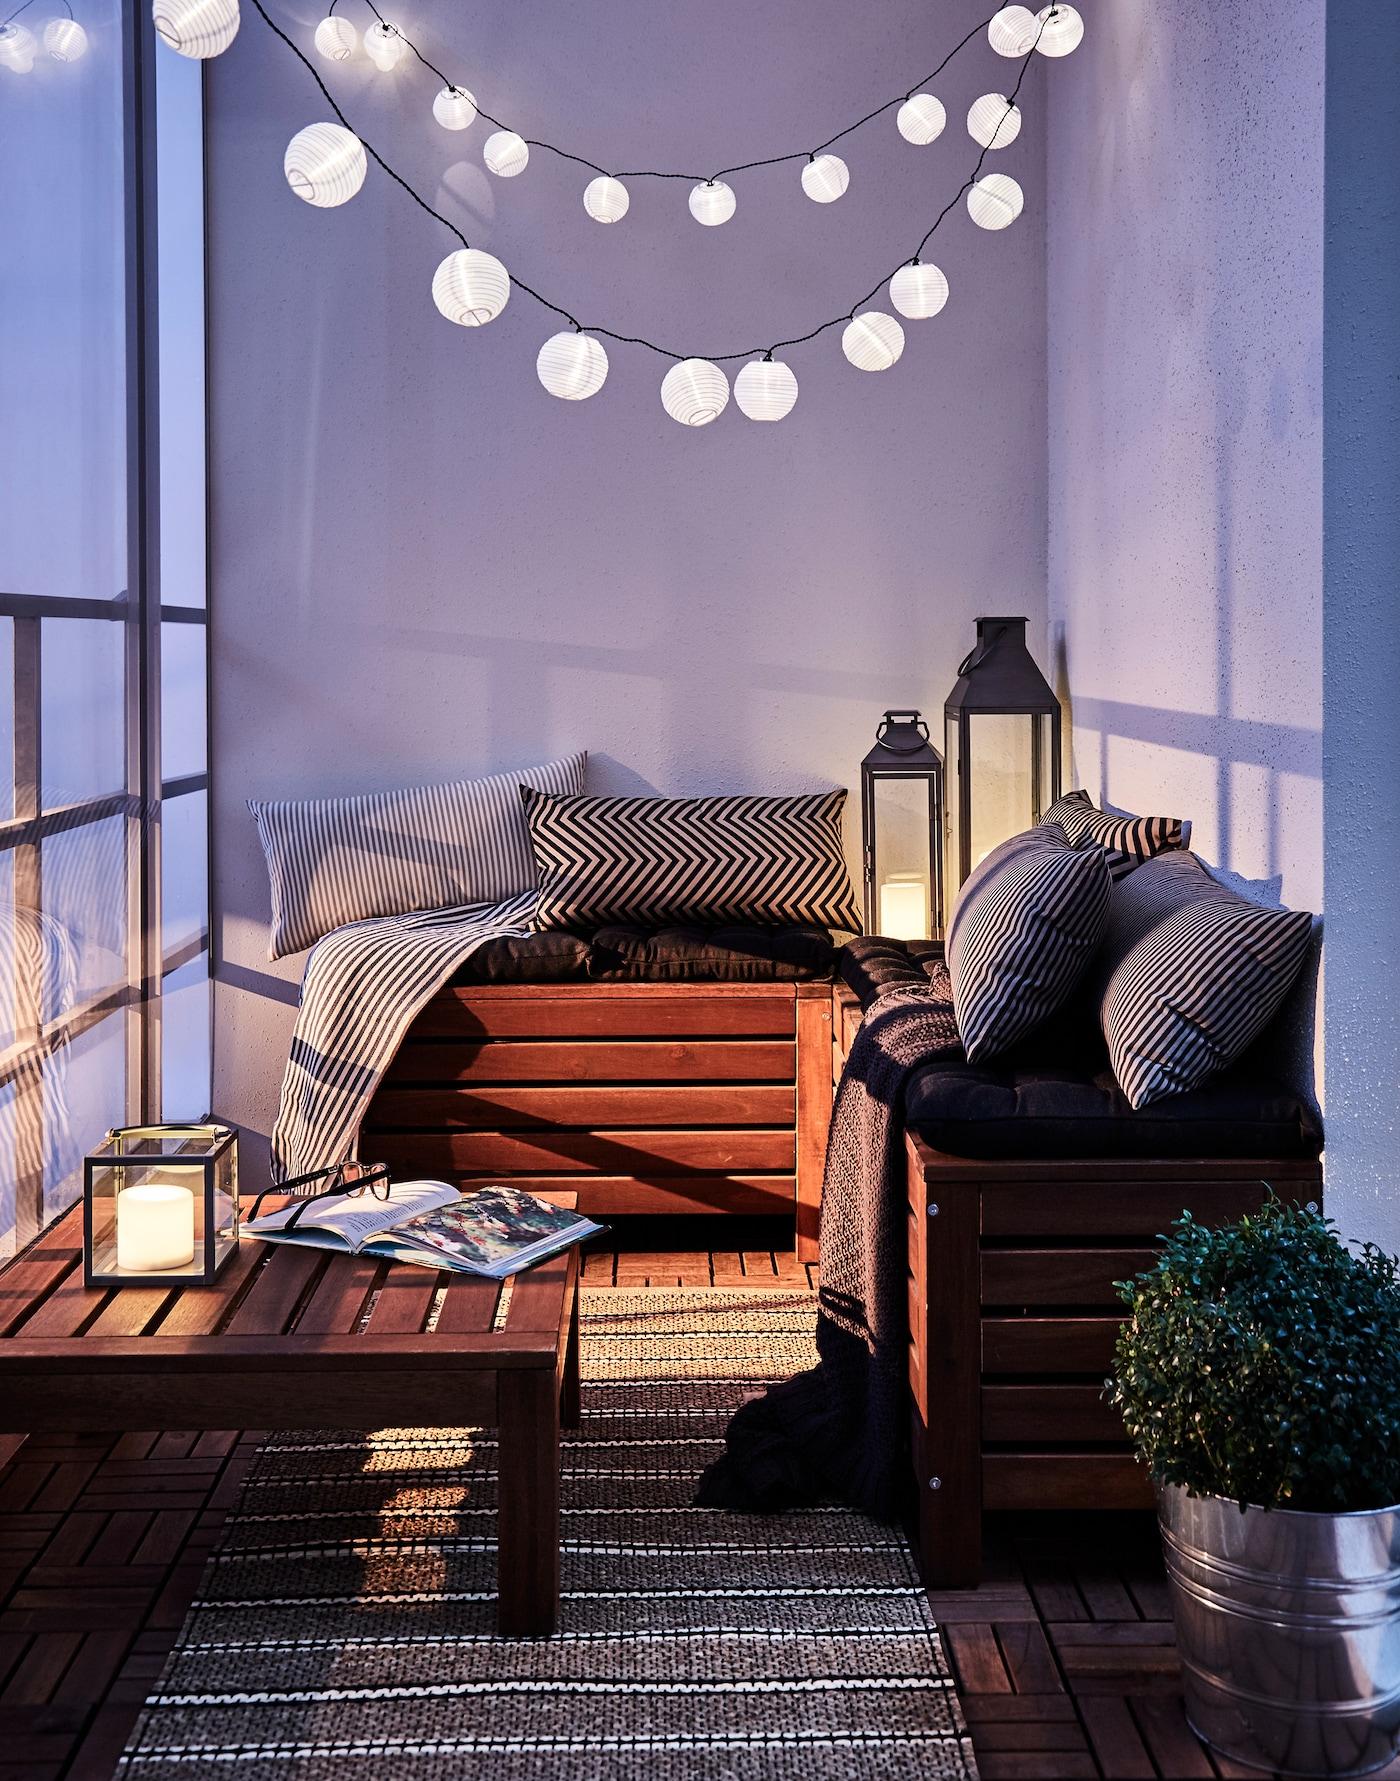 Gemütlich eingerichtete Balkonecke mit Lampen, Laternen, ÄPPLARÖ Holtztruhe & vielen Kissen.